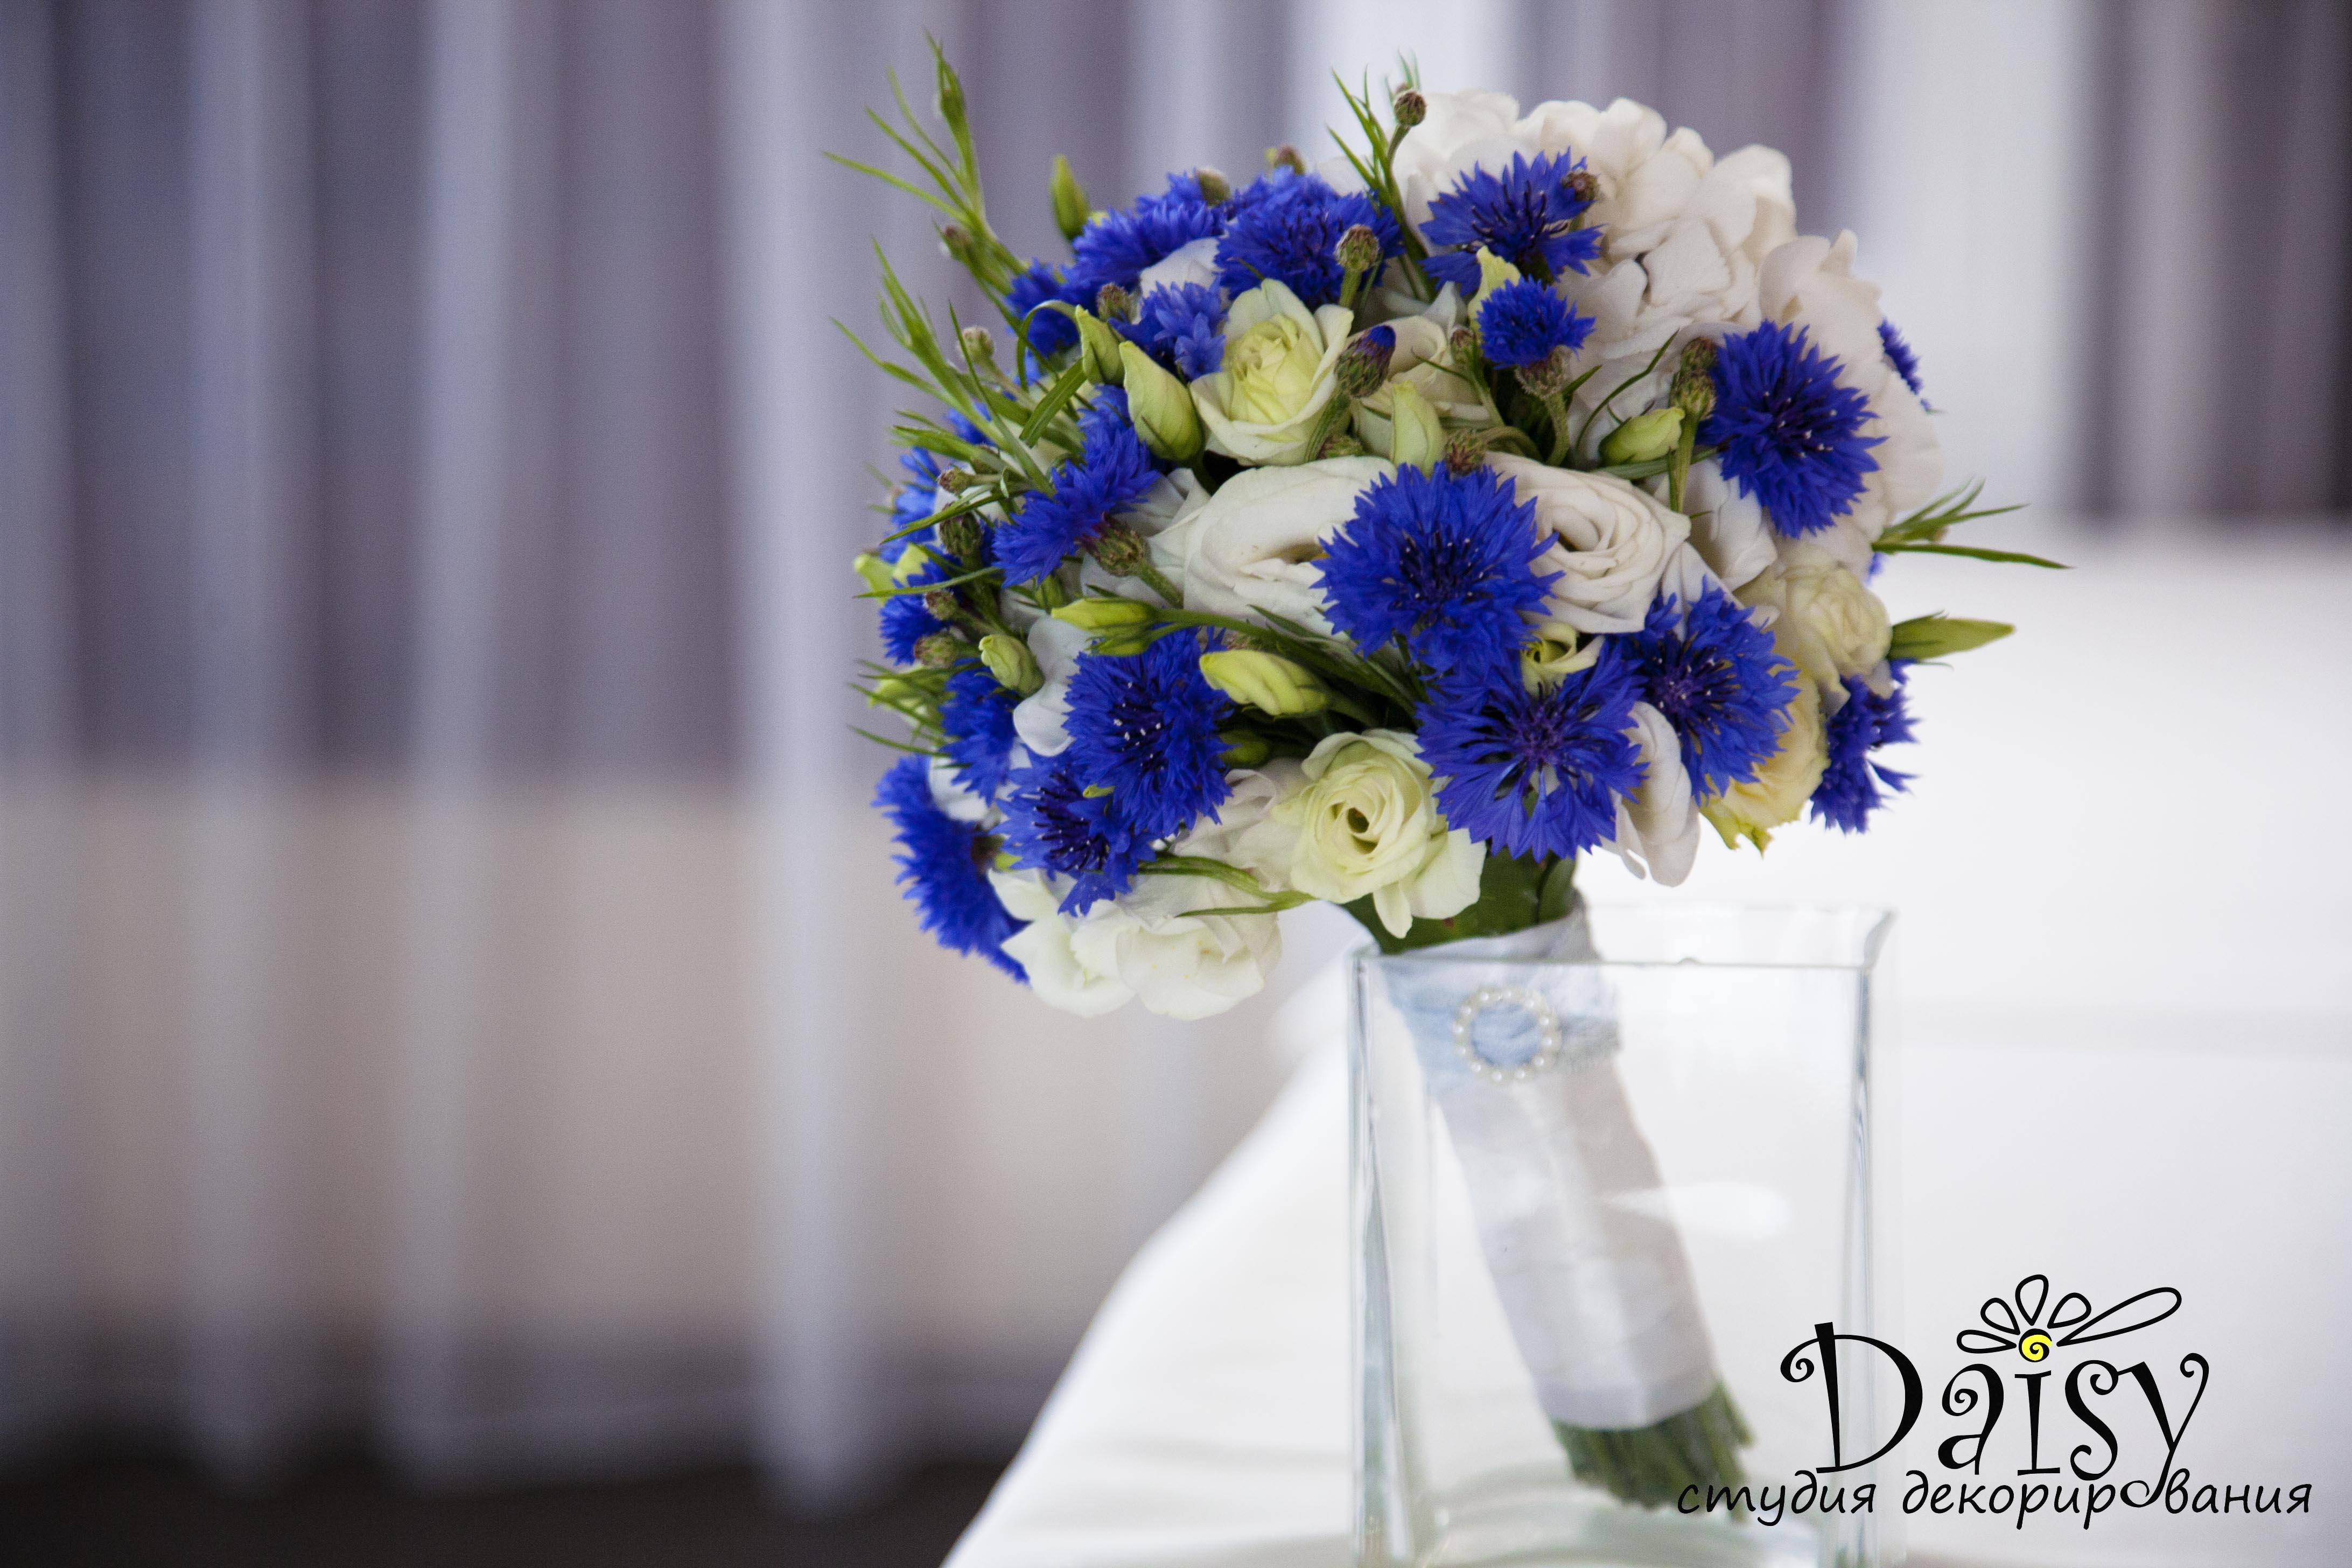 Свадебные букеты из хризантем и васильков, оптовые